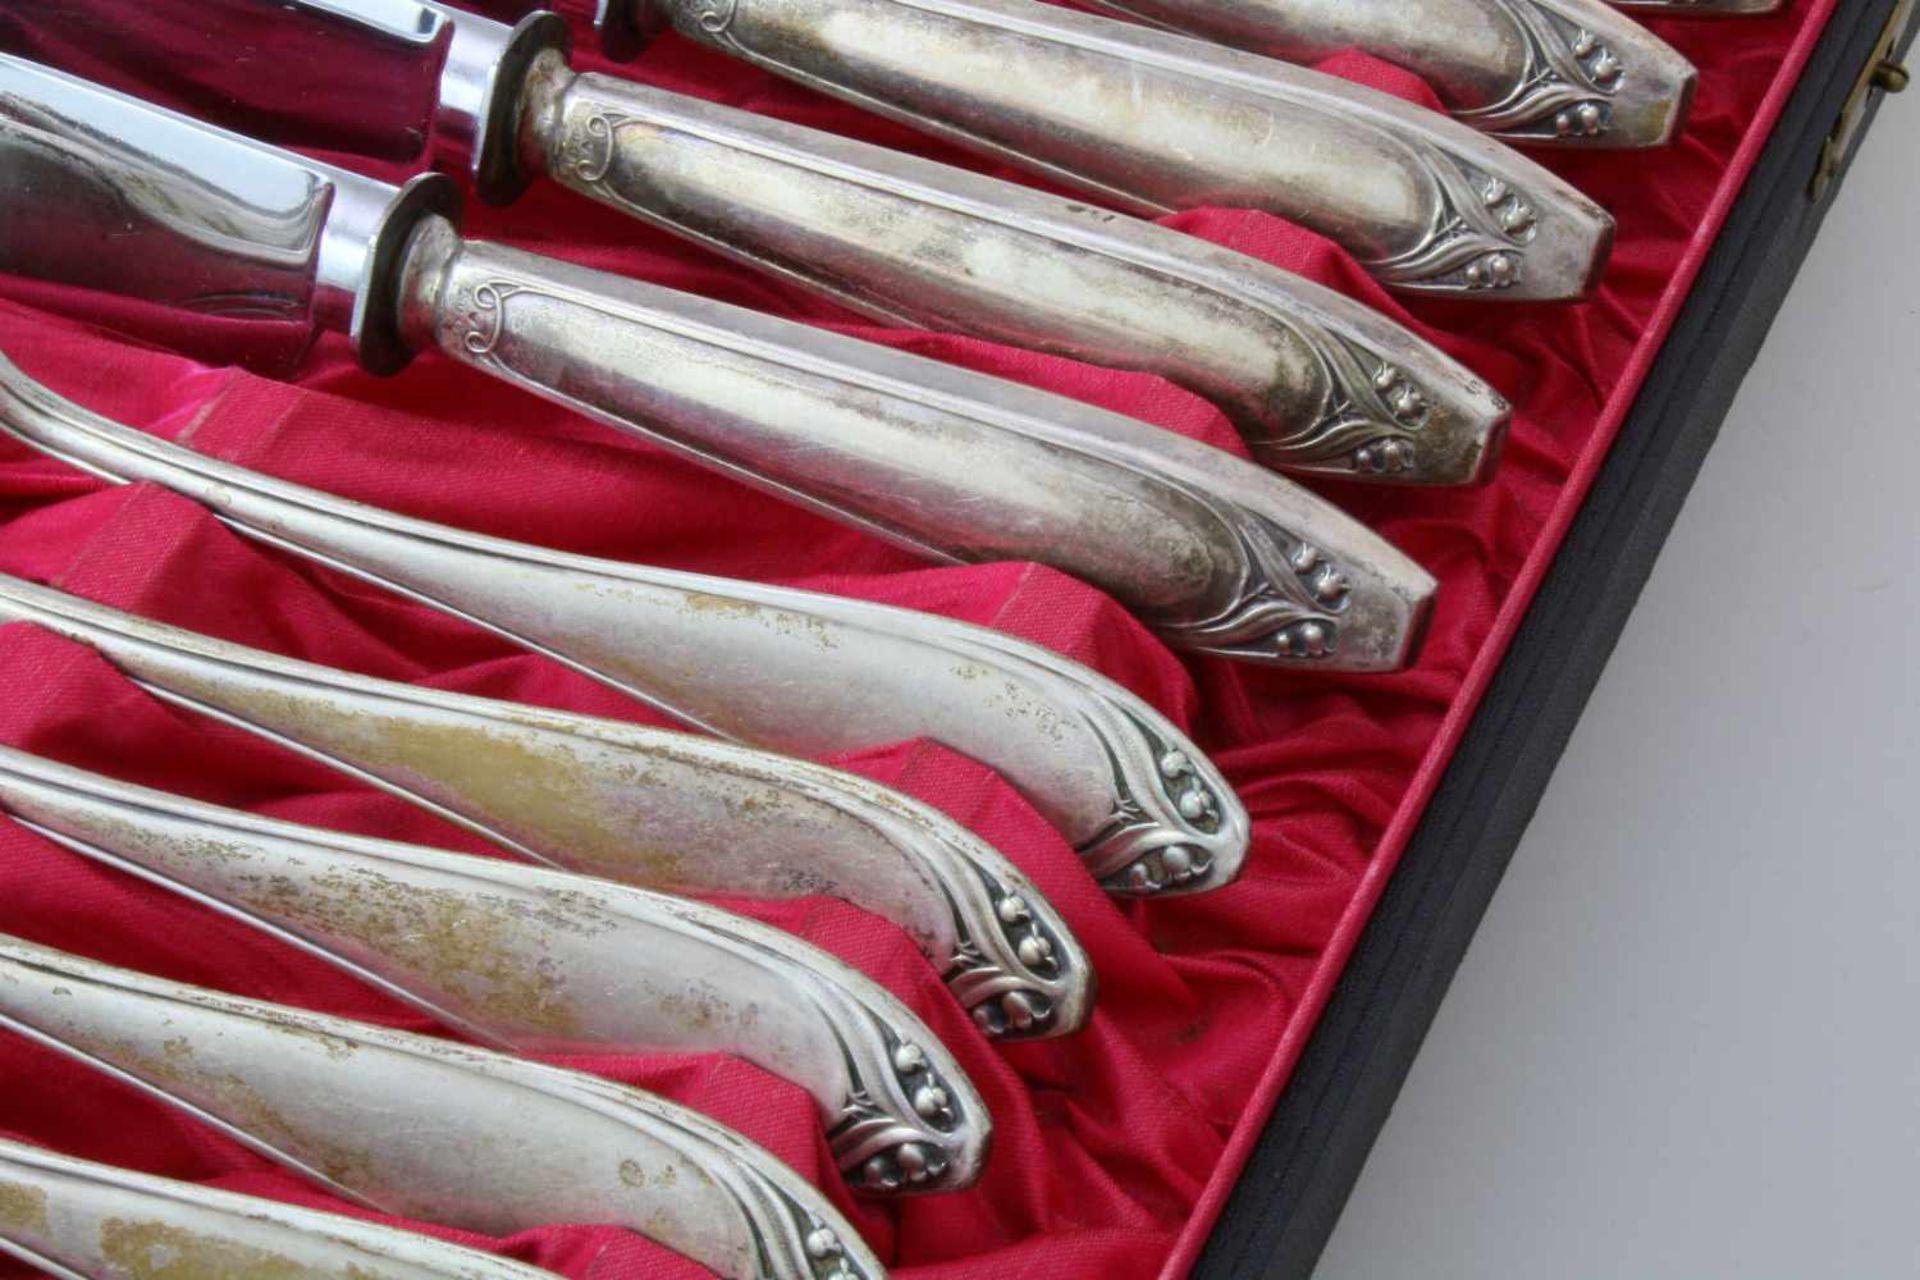 Silberbesteck Juwelier Häberlein, Nürnberg um 191012-teiliges Diner-Besteck, 6 Messer, 6 Gabeln, - Bild 2 aus 5